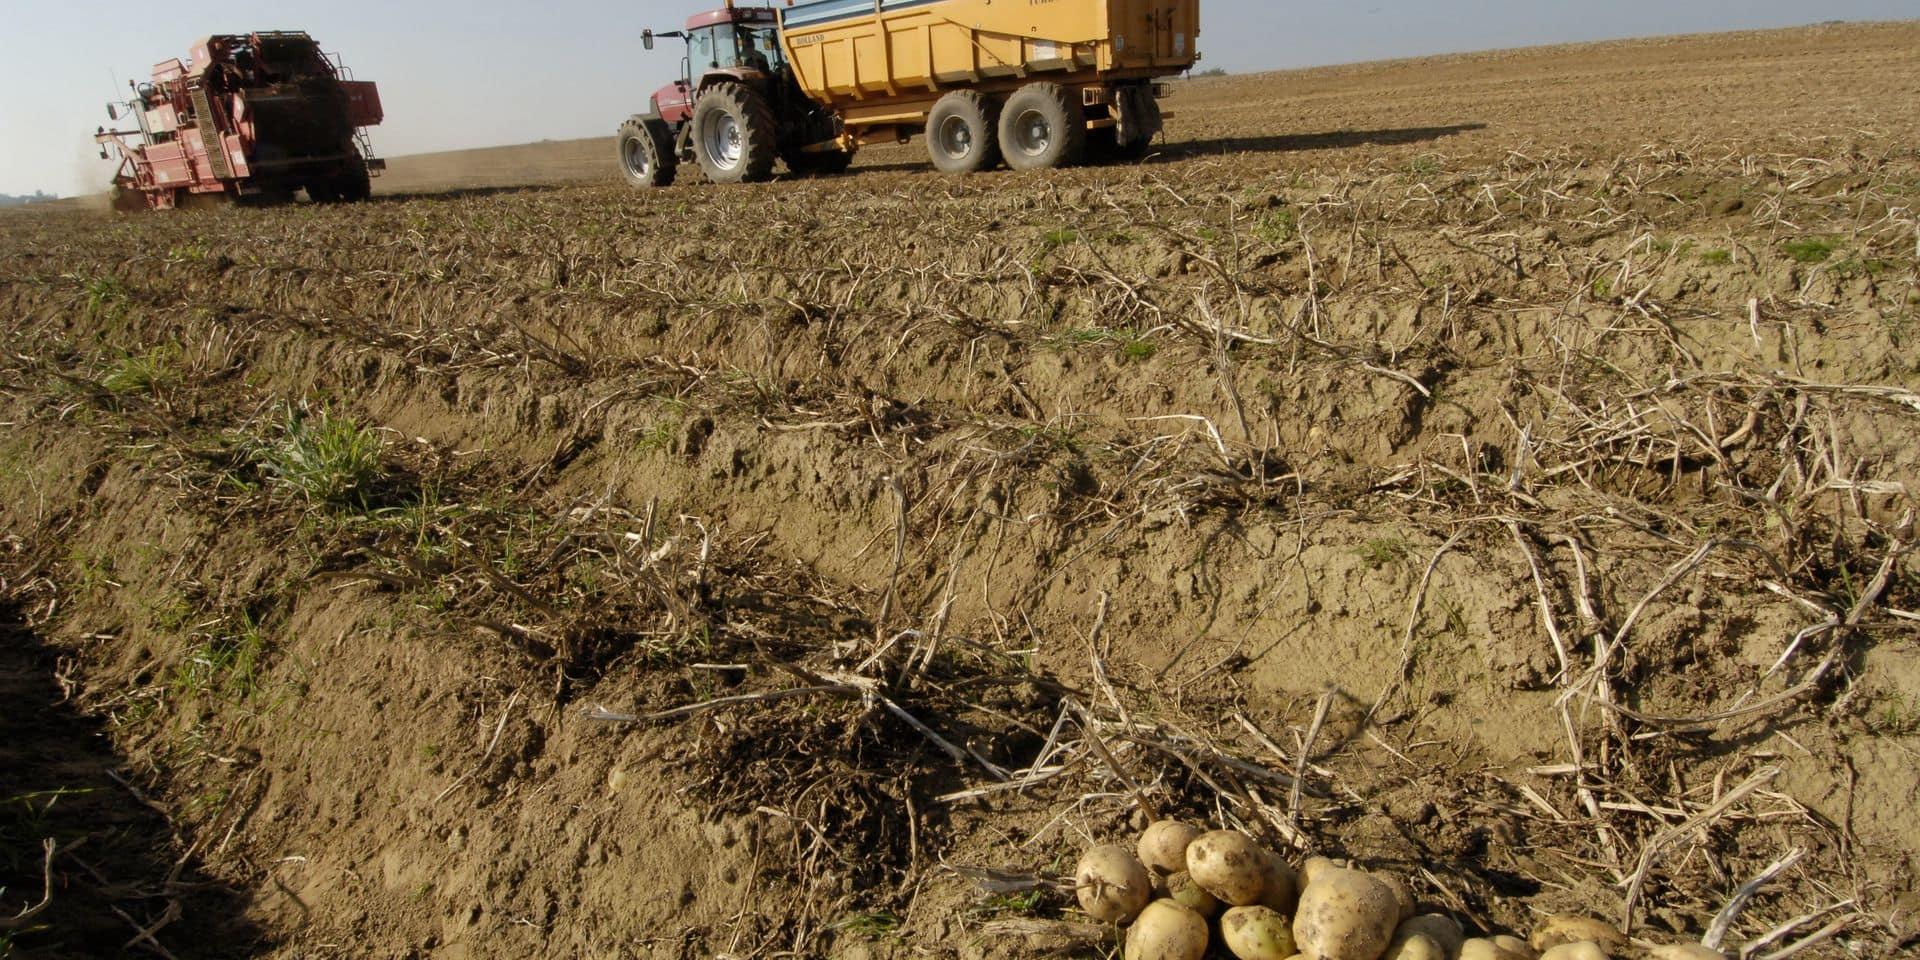 La patate belge bio victime de sa qualité et de la concurrence étrangère : 1300 tonnes restent à écouler !